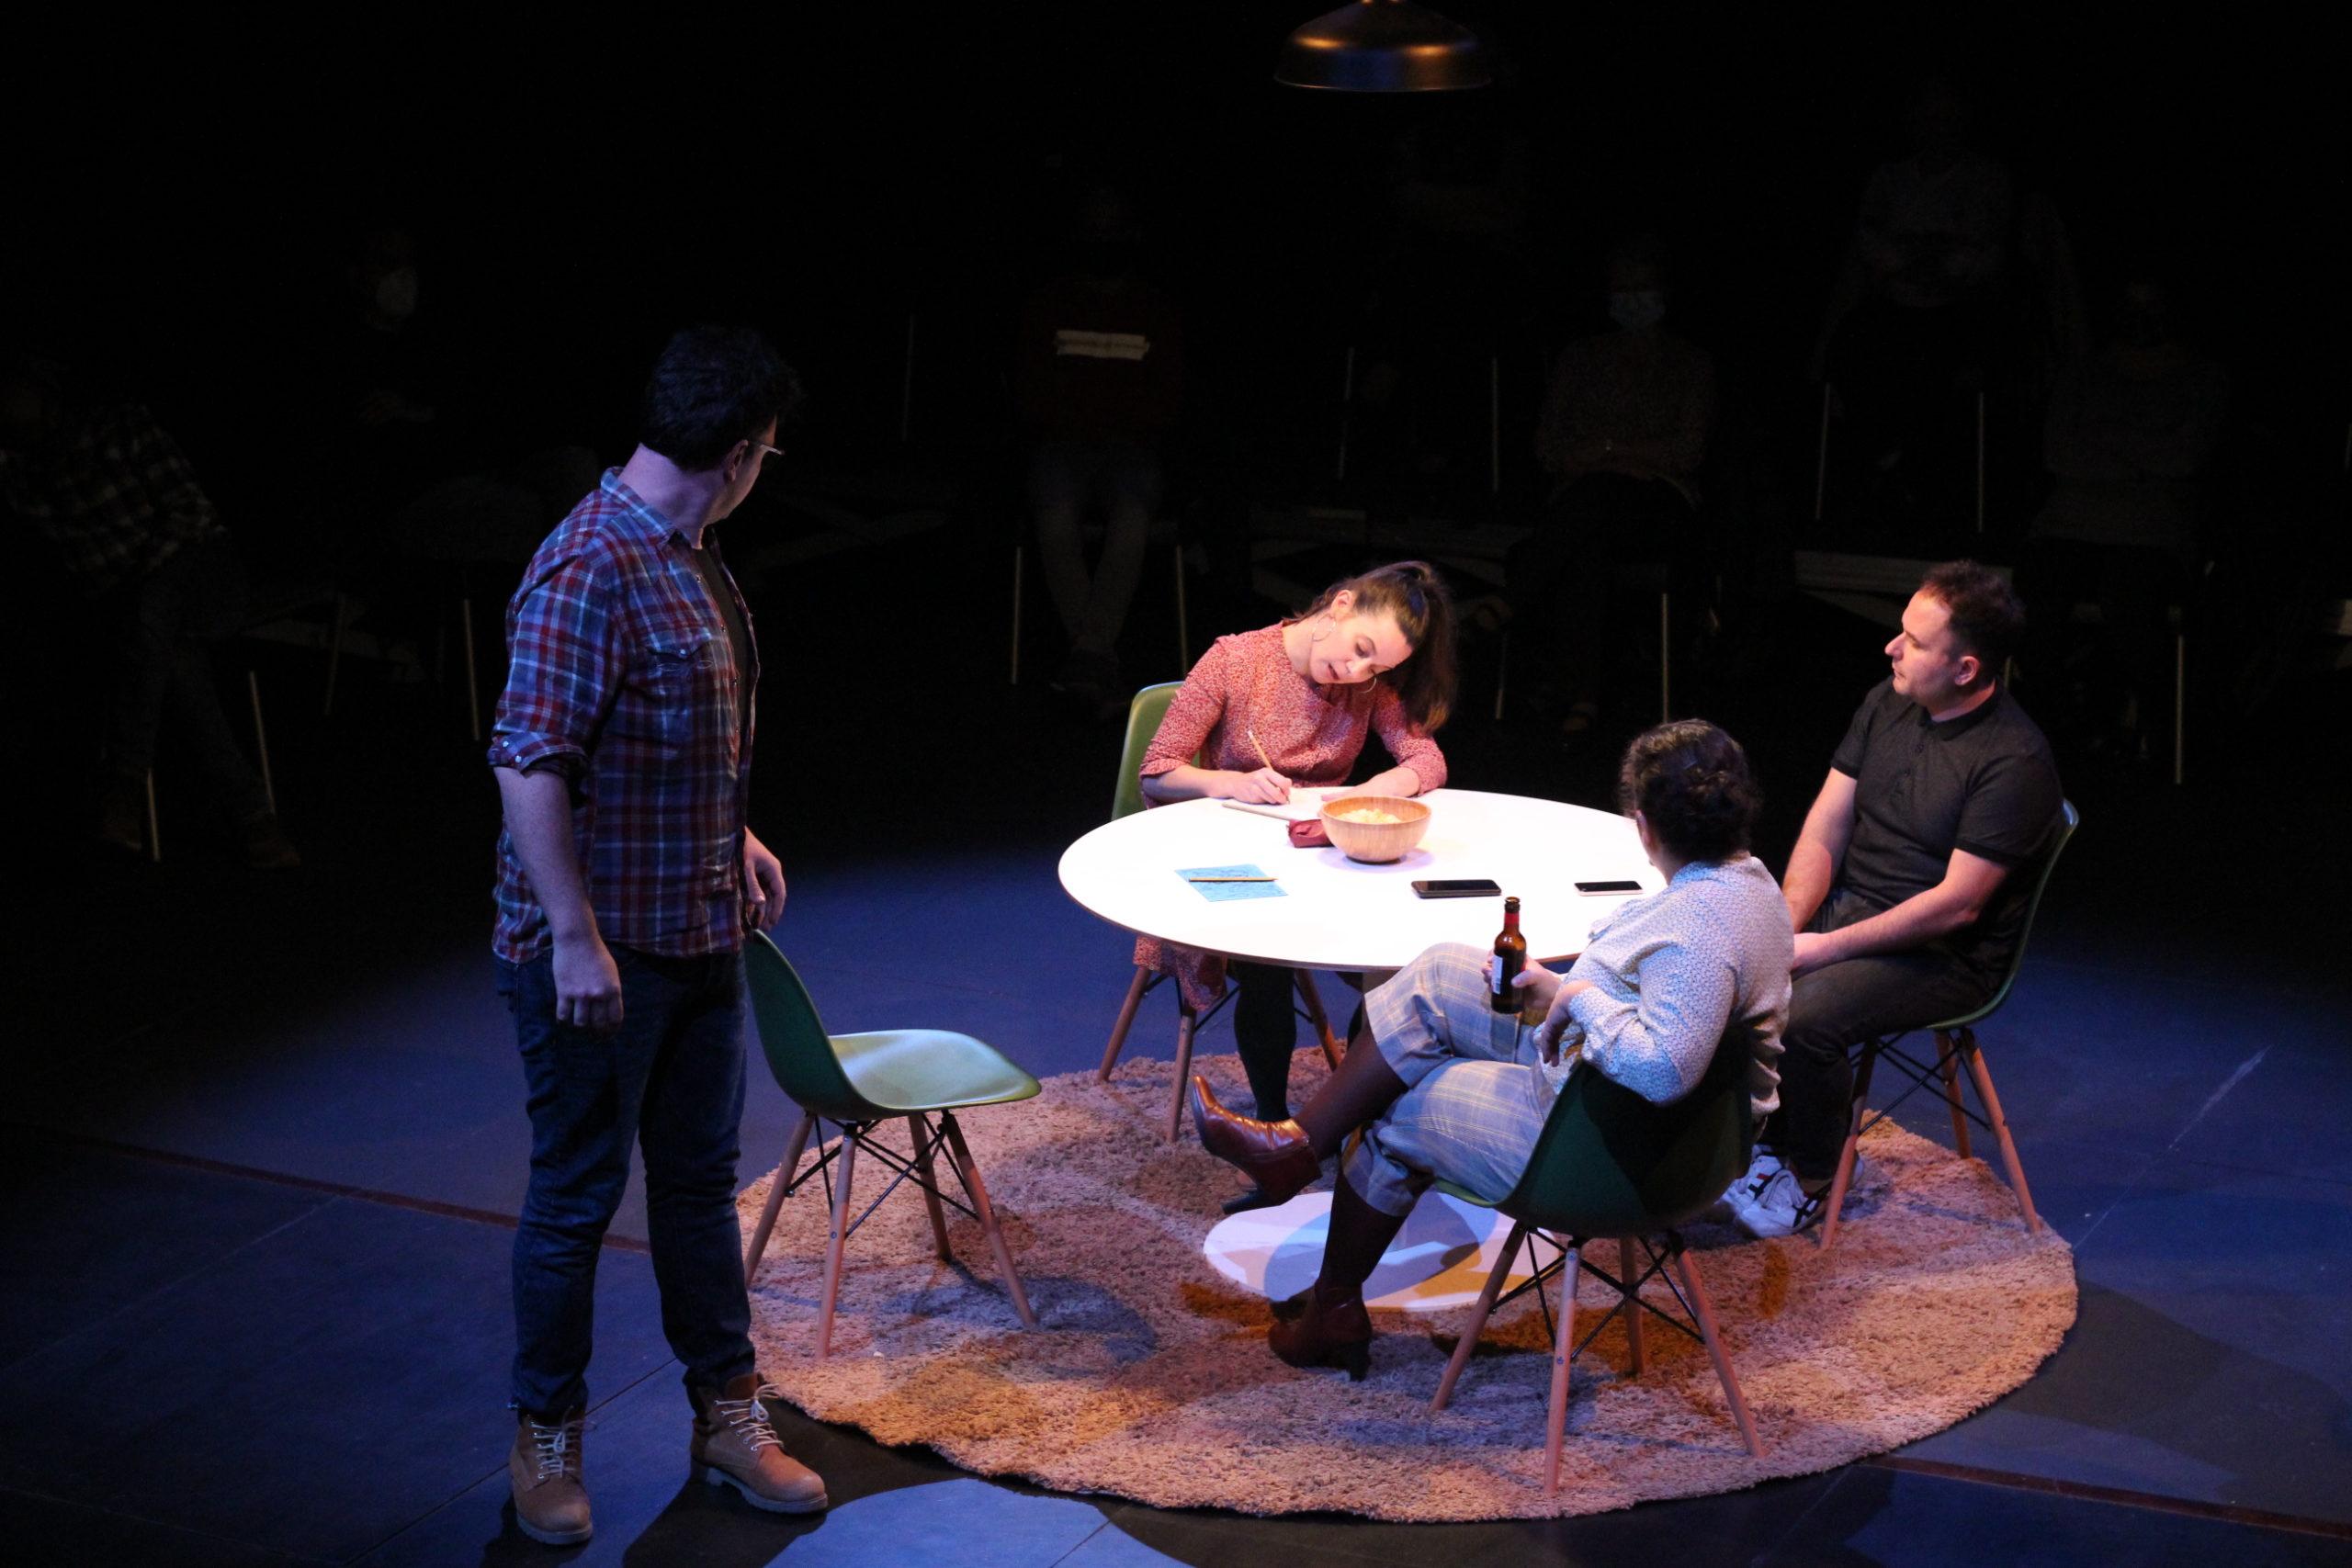 Fairfly torna a aixecar el teló del Teatre Municipal de Roses i li pren el relleu l'exitosa Solitudes